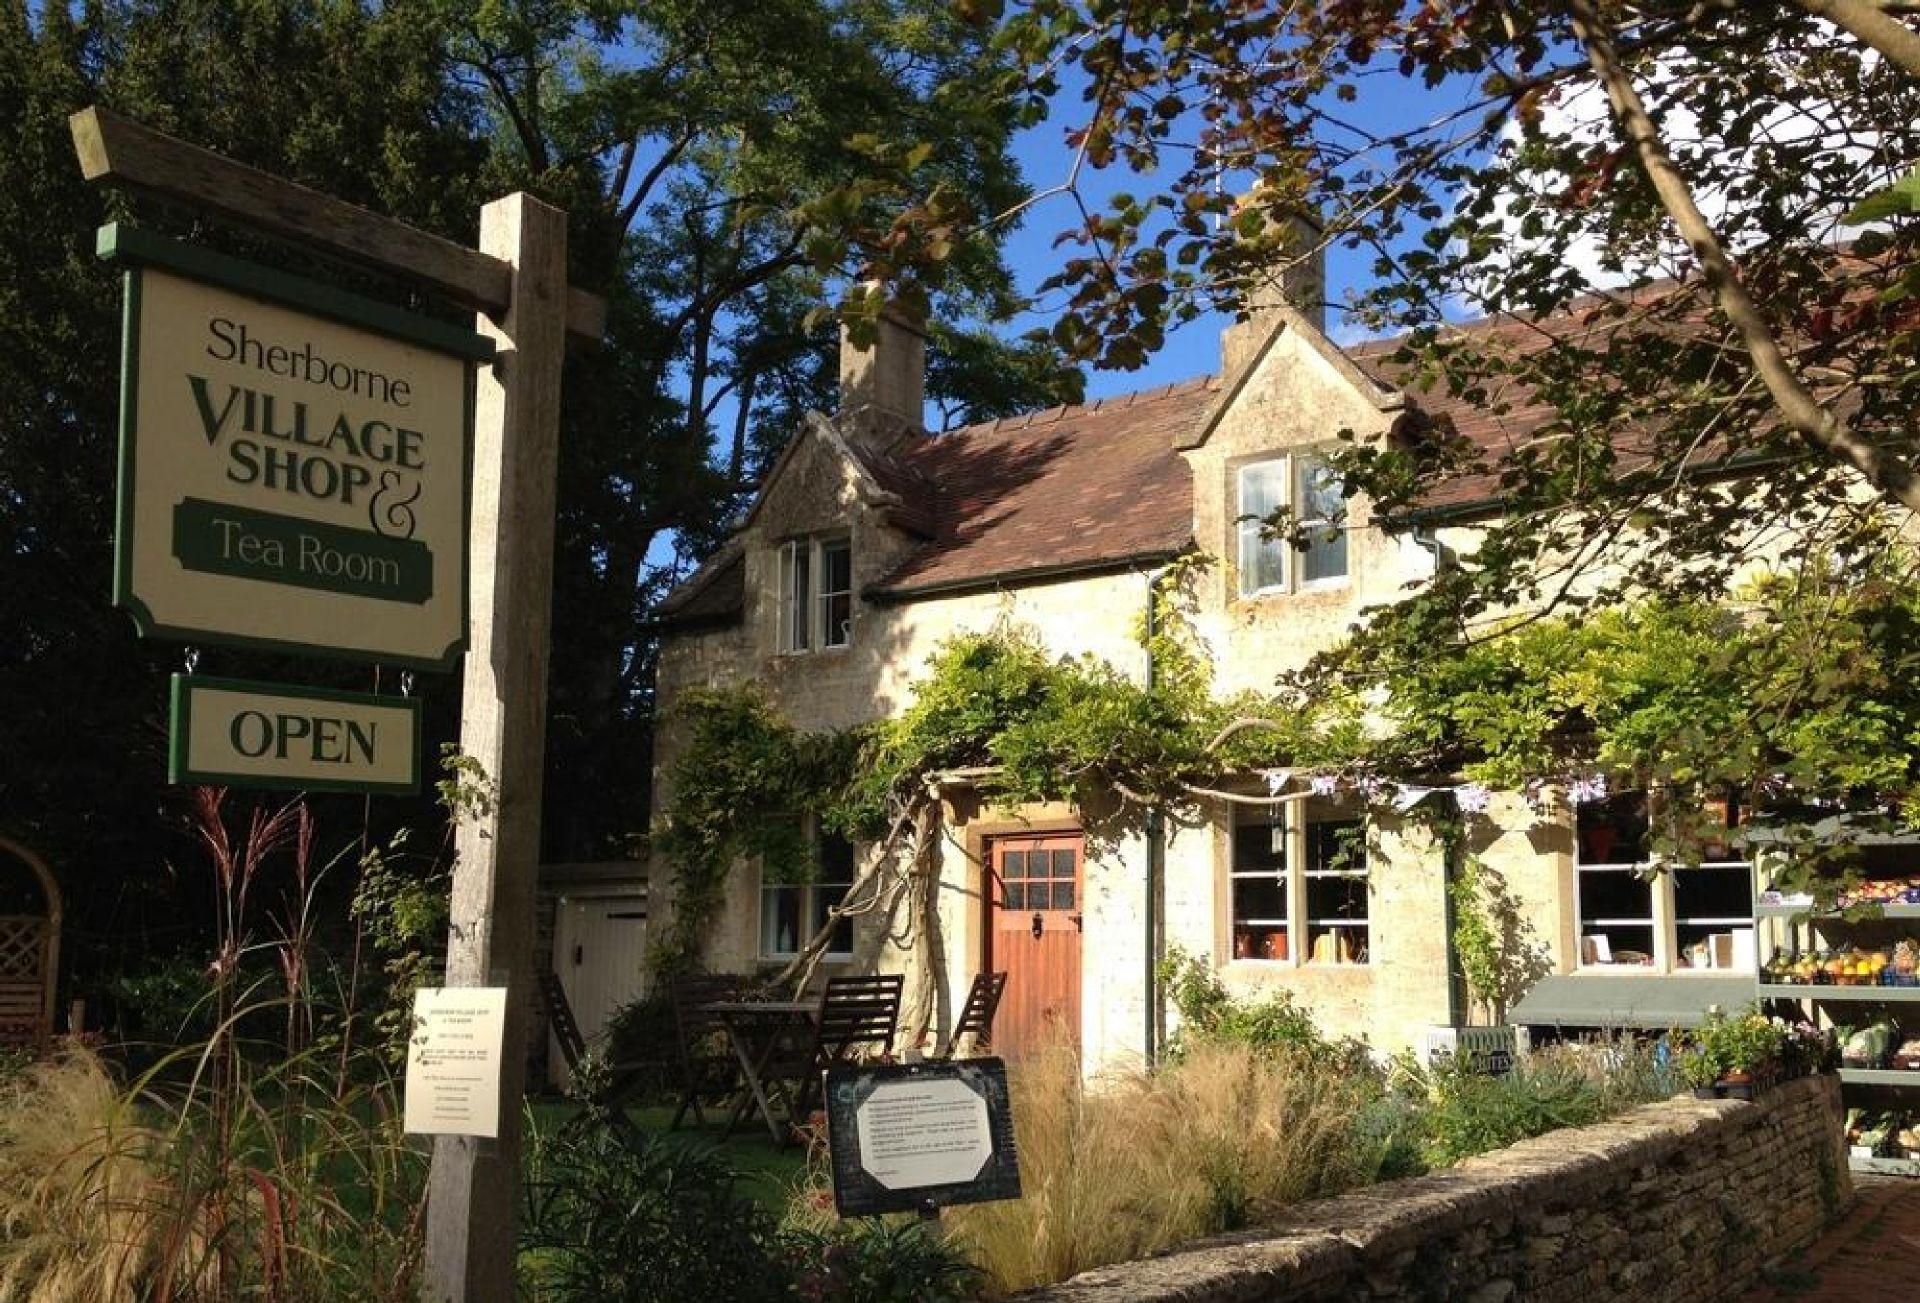 Sherborne village shop and tea room